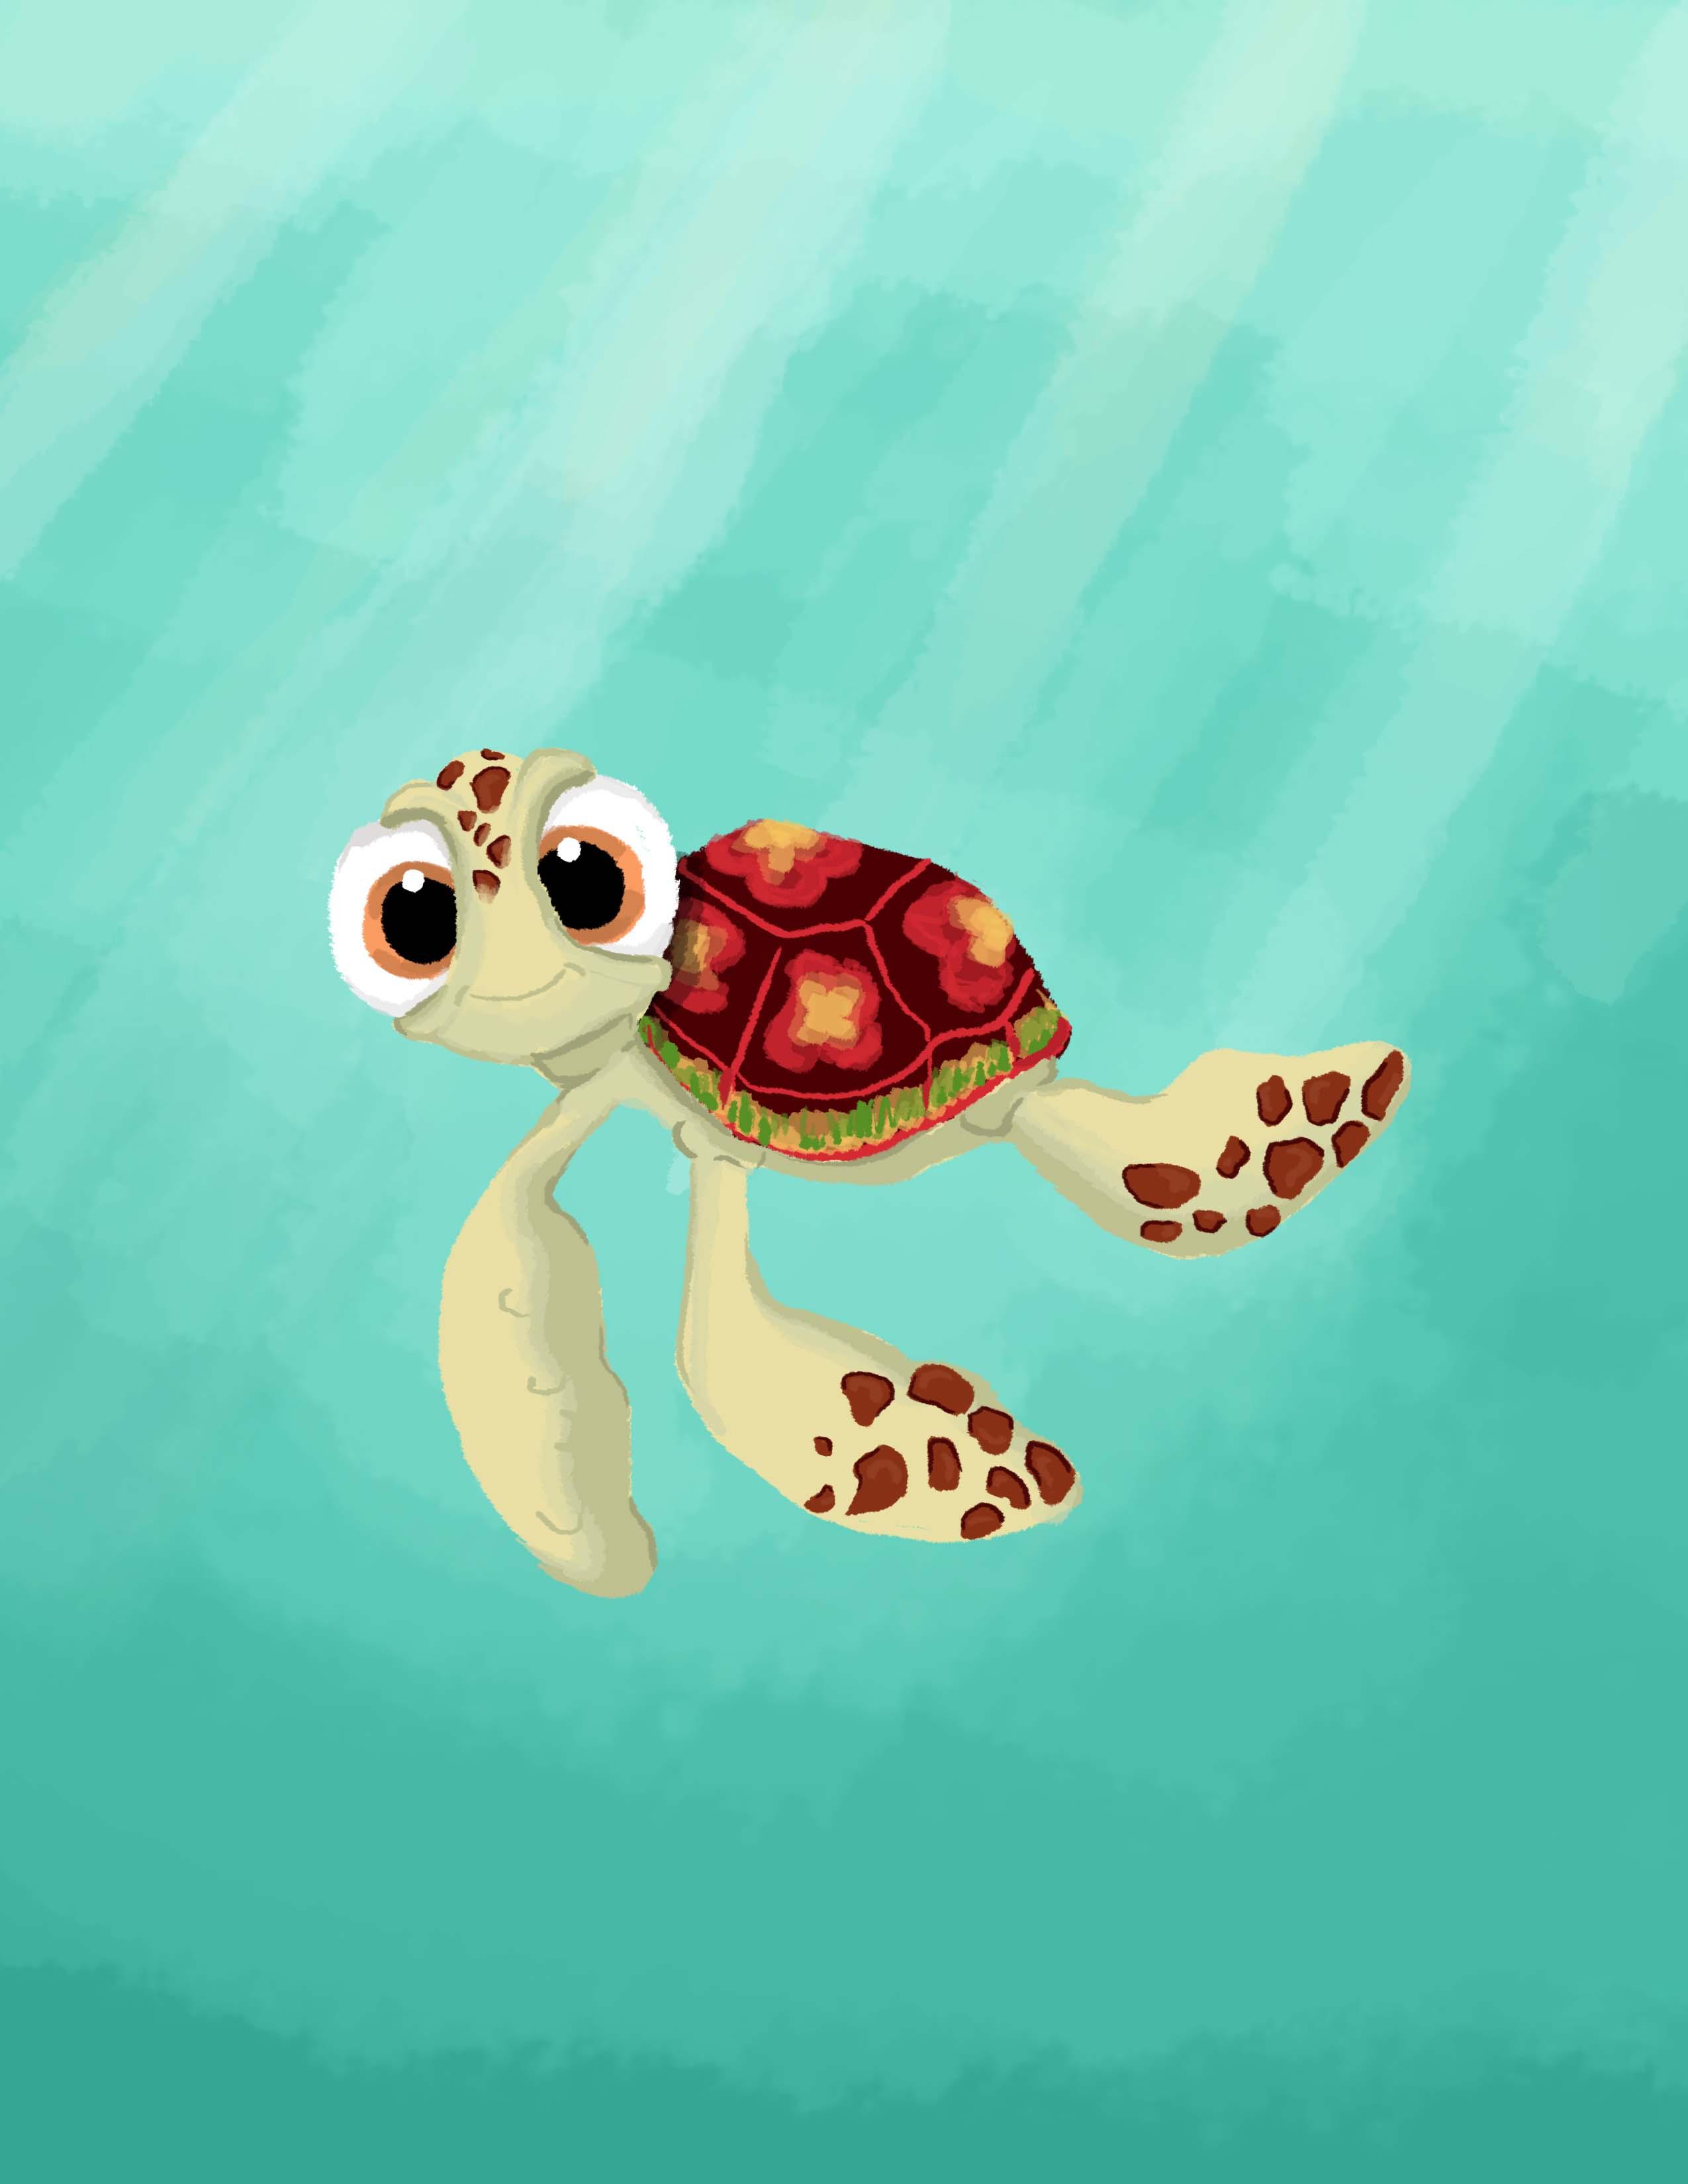 Nemo Cute Turtle Wallpaper Wwwmiifotoscom